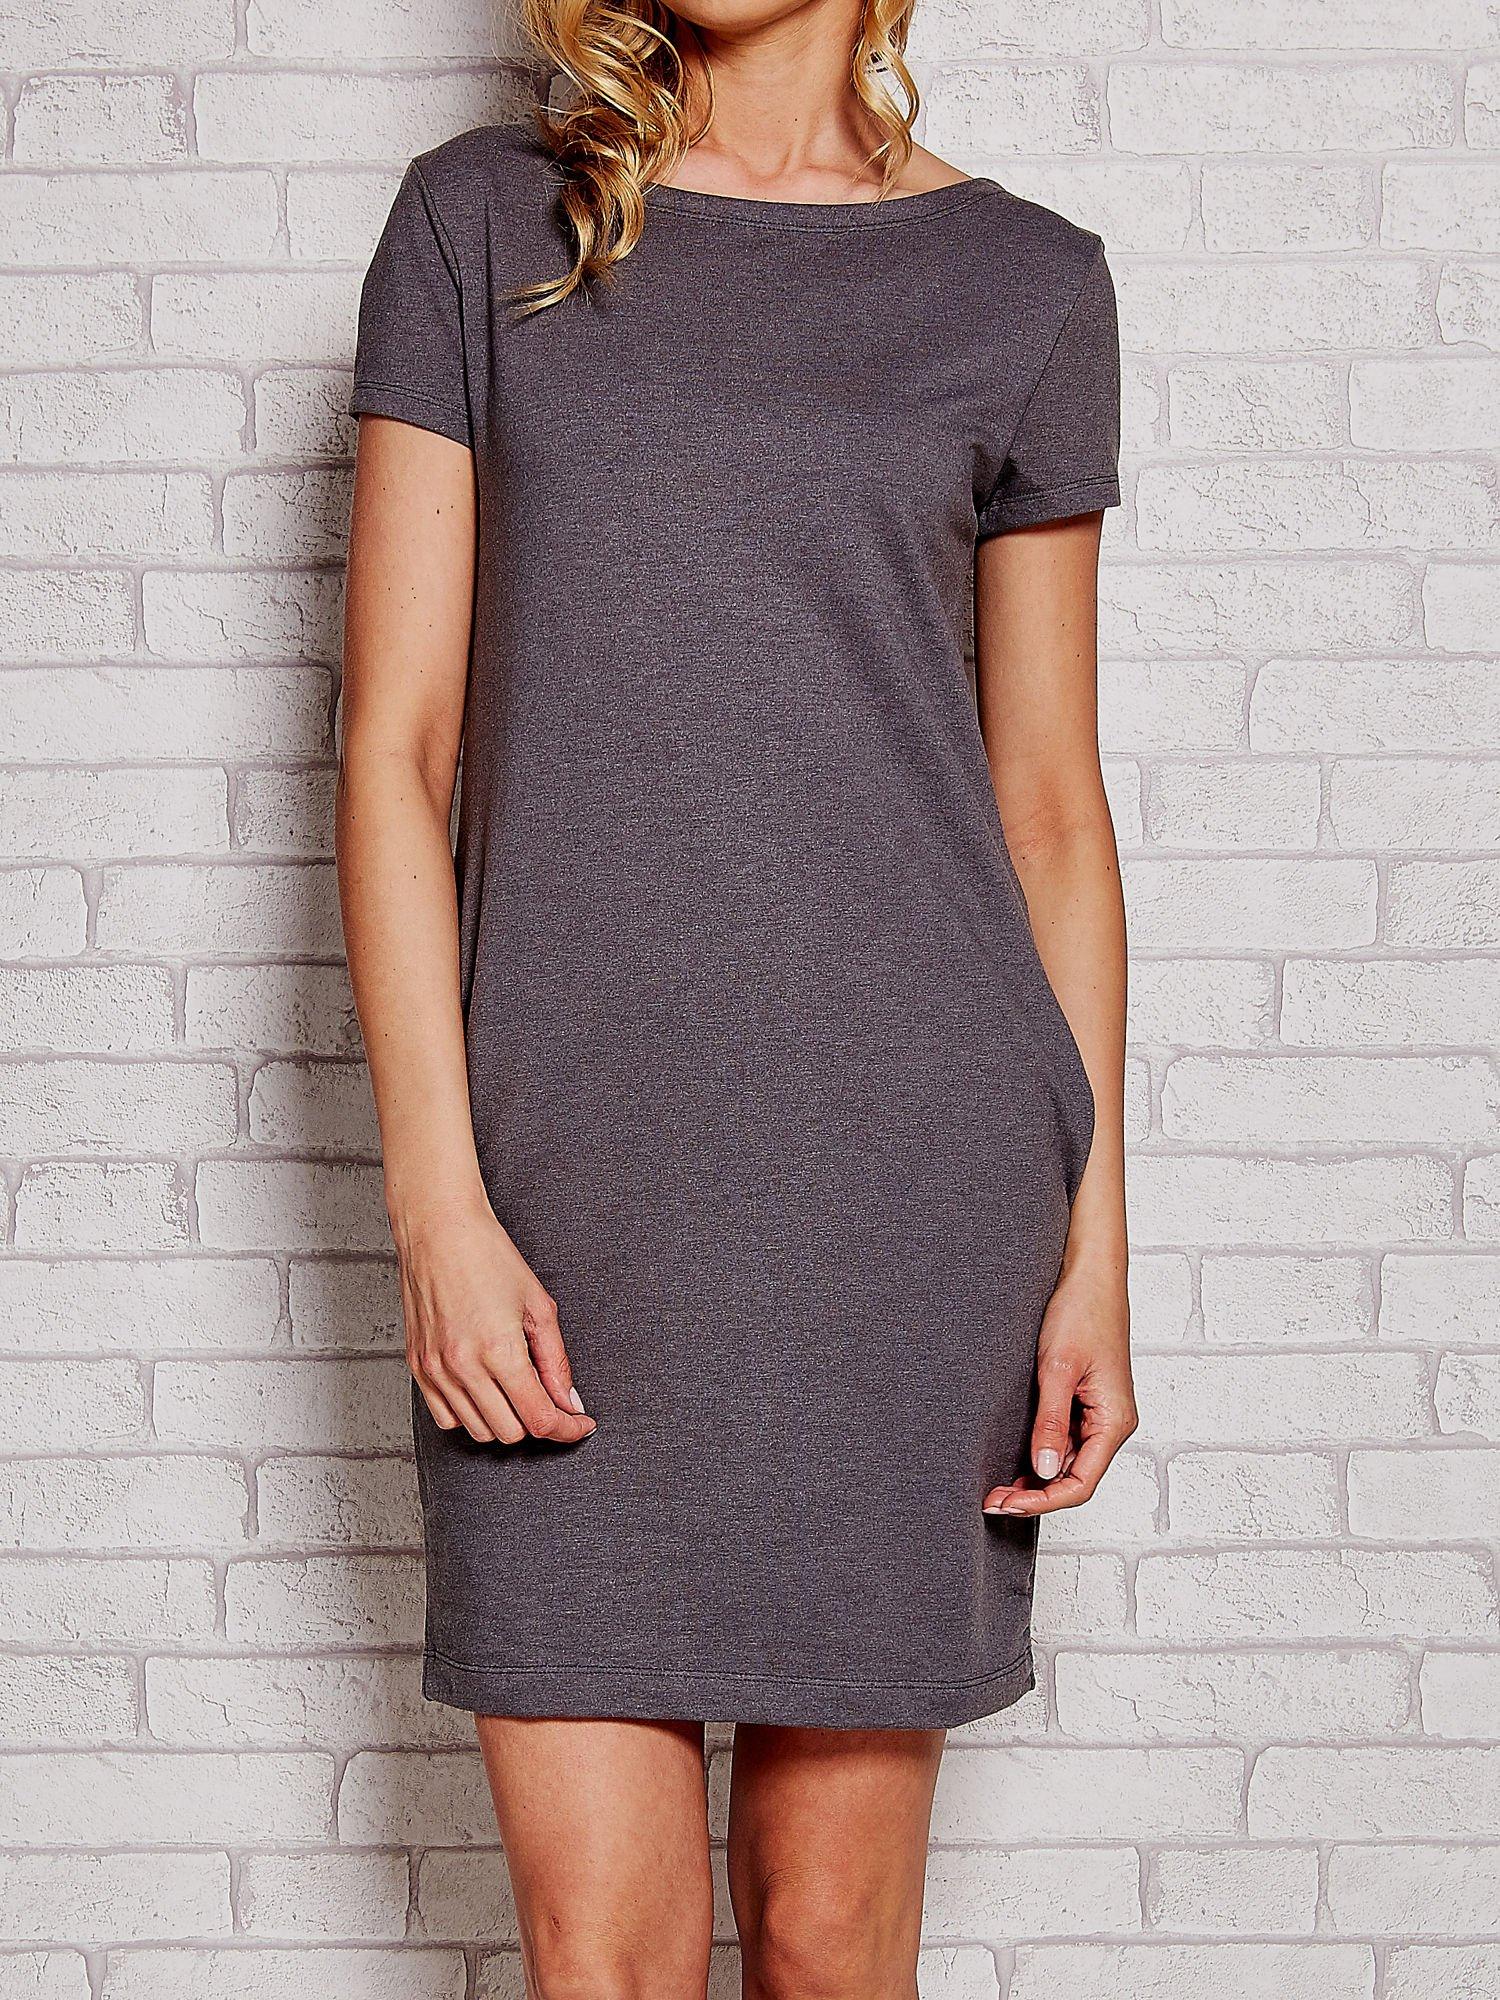 Szara sukienka dresowa z kieszeniami                                  zdj.                                  1